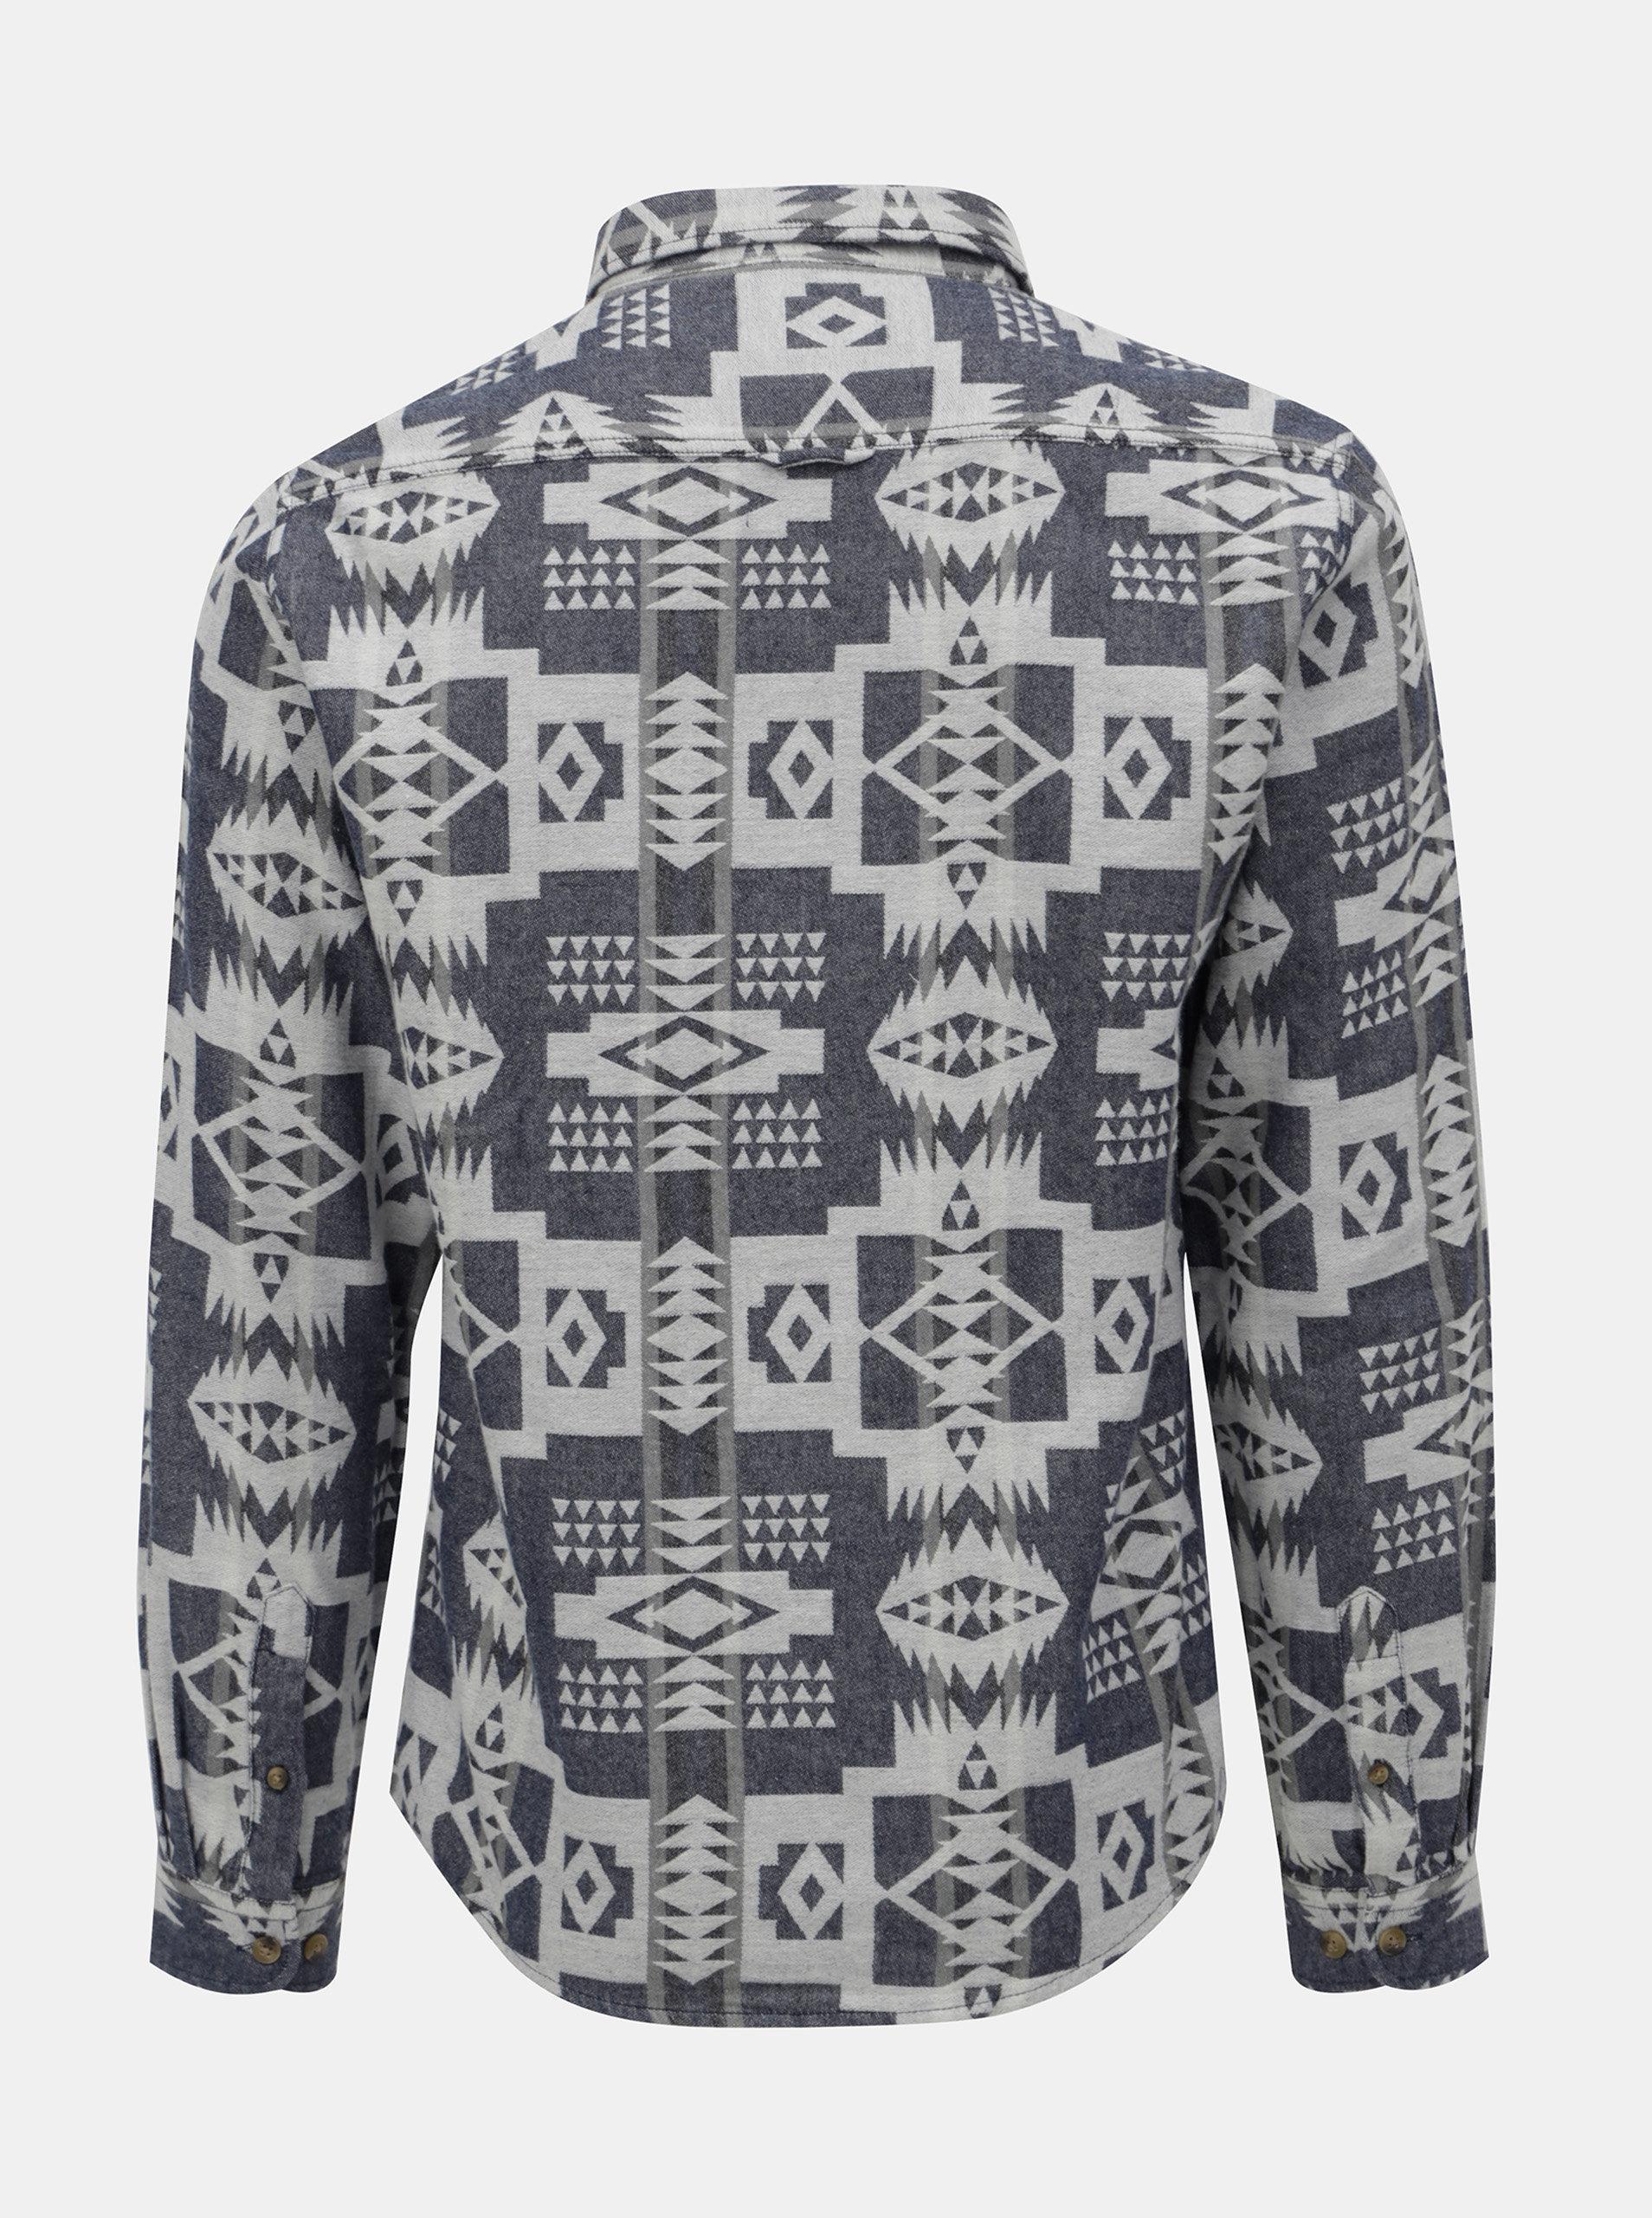 Krémovo-modrá vzorovaná košile s kapsami Shine Original ... 7ad13434c6